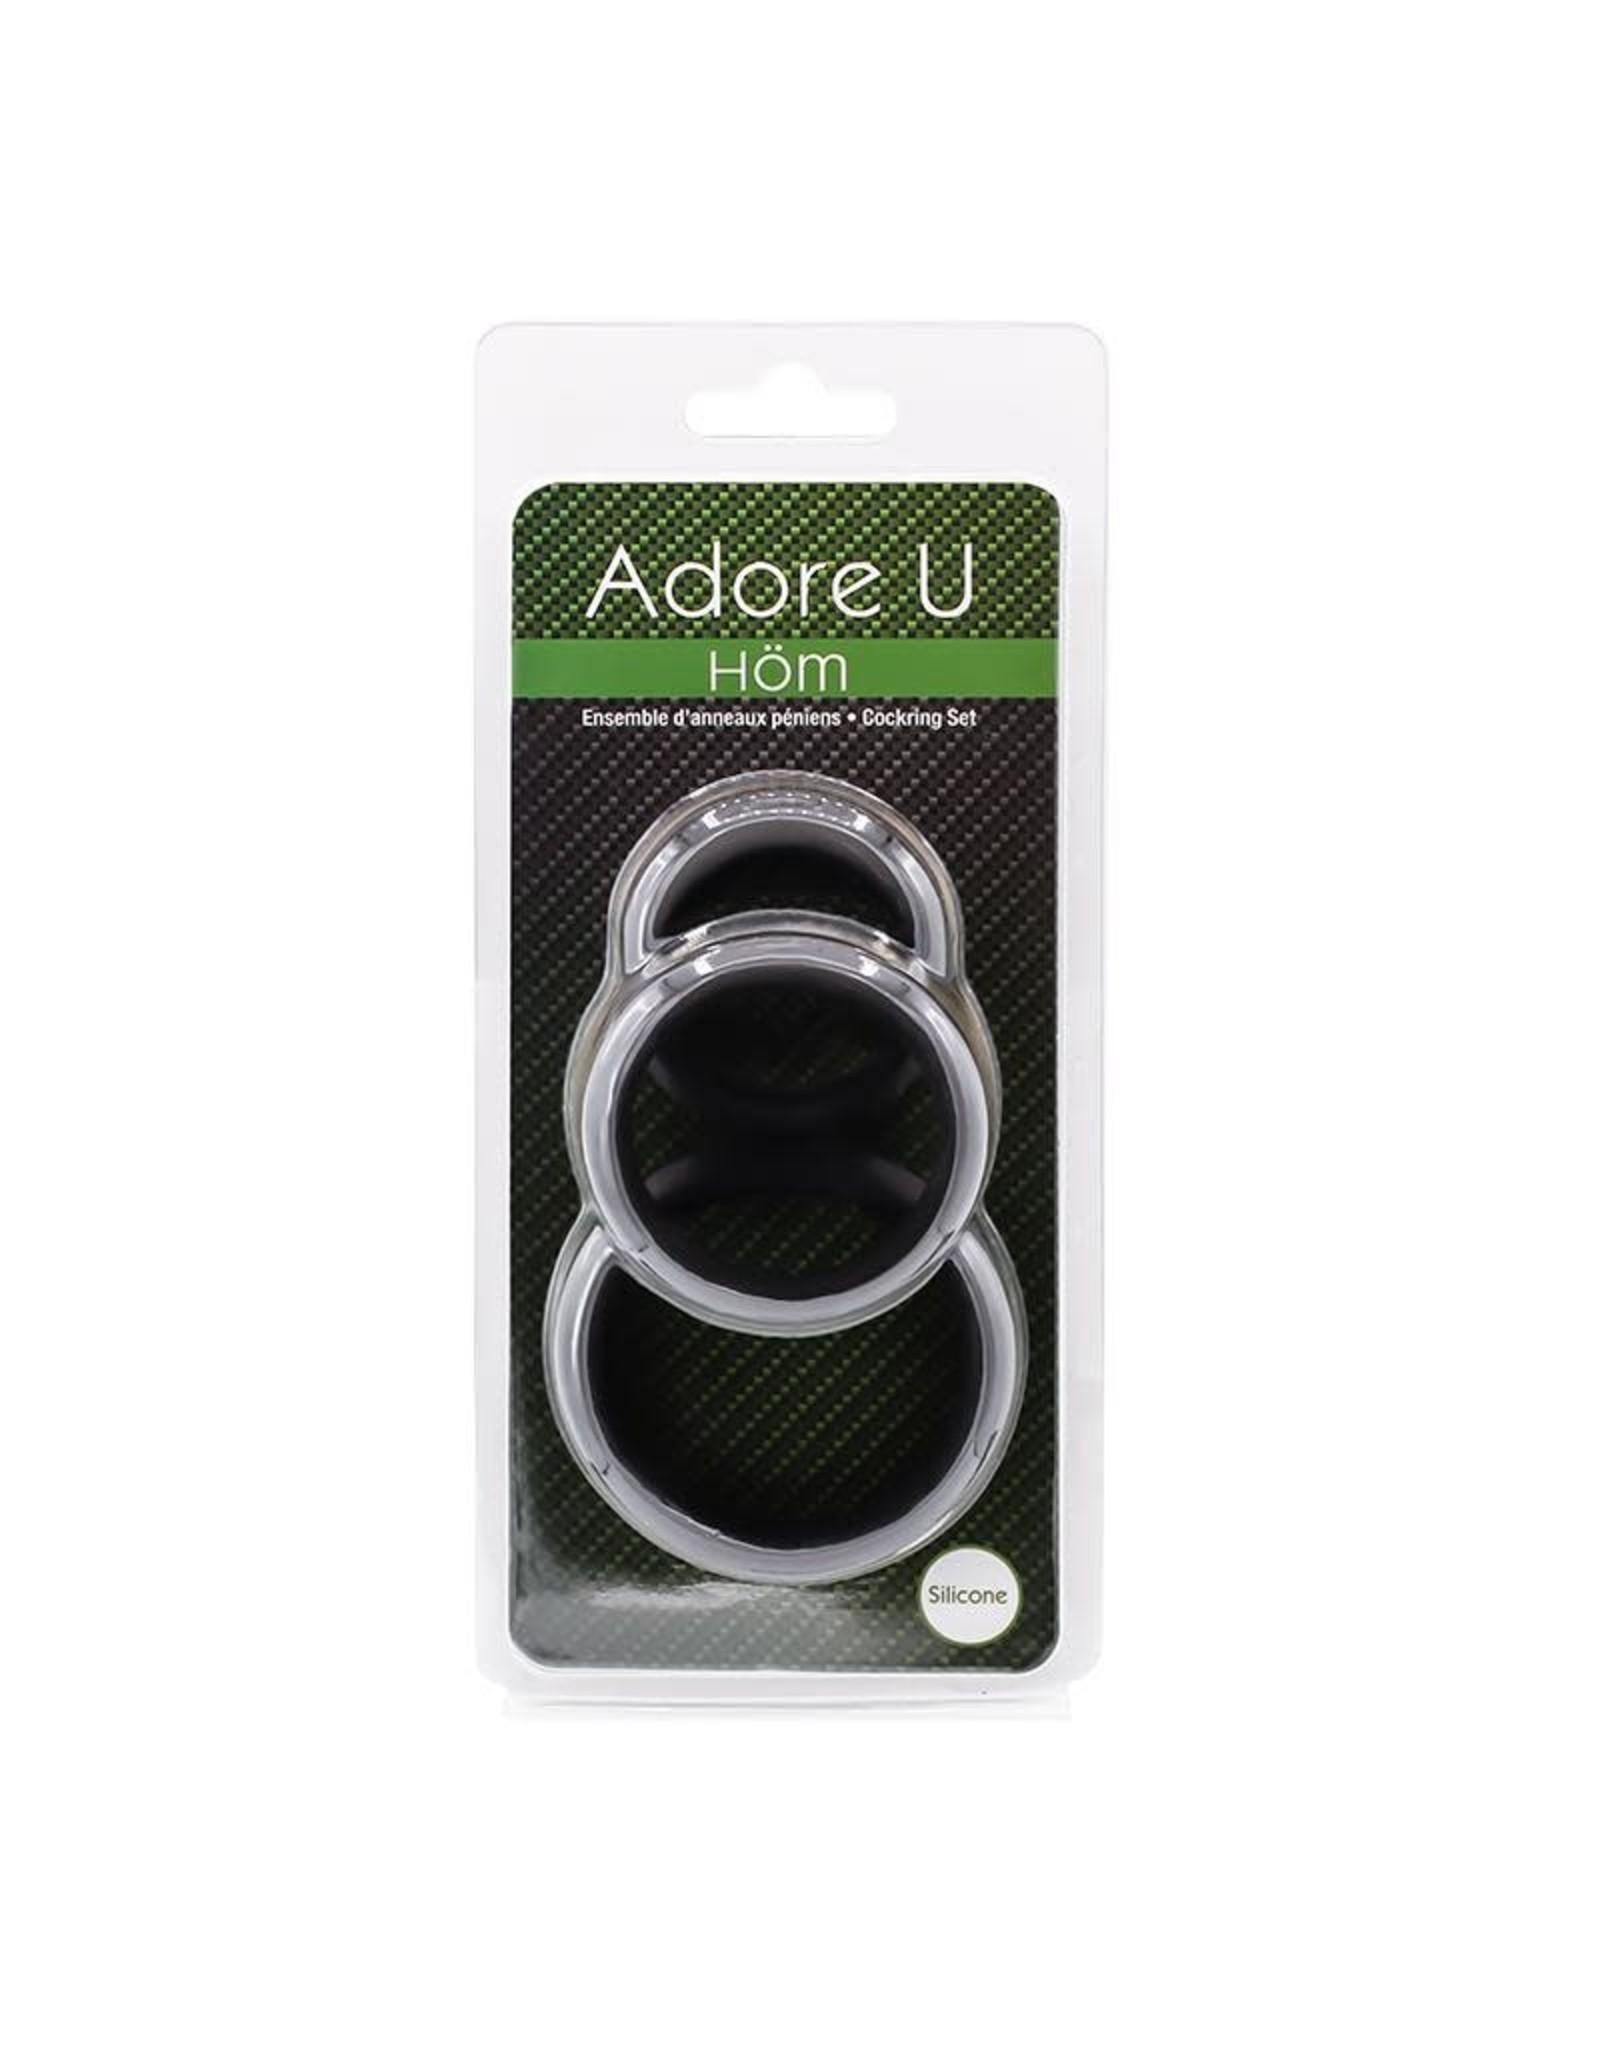 Adore U Adore U Hom - Cock Ring Set (black)